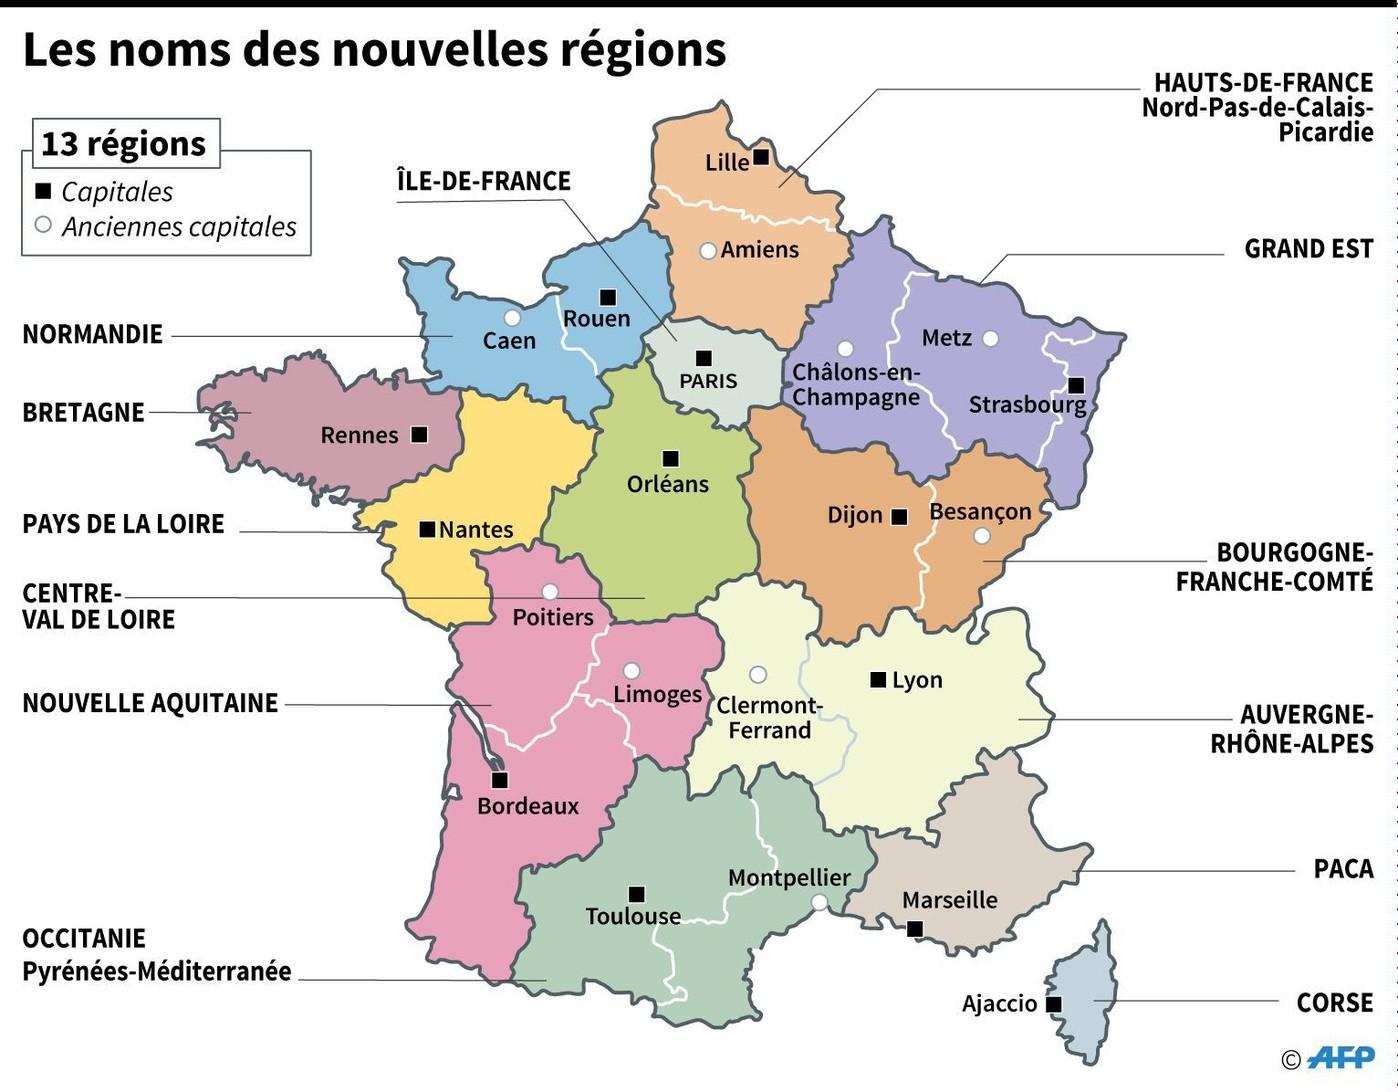 Ce Que Signifie Le Nom Des Nouvelles Régions destiné Les 13 Régions